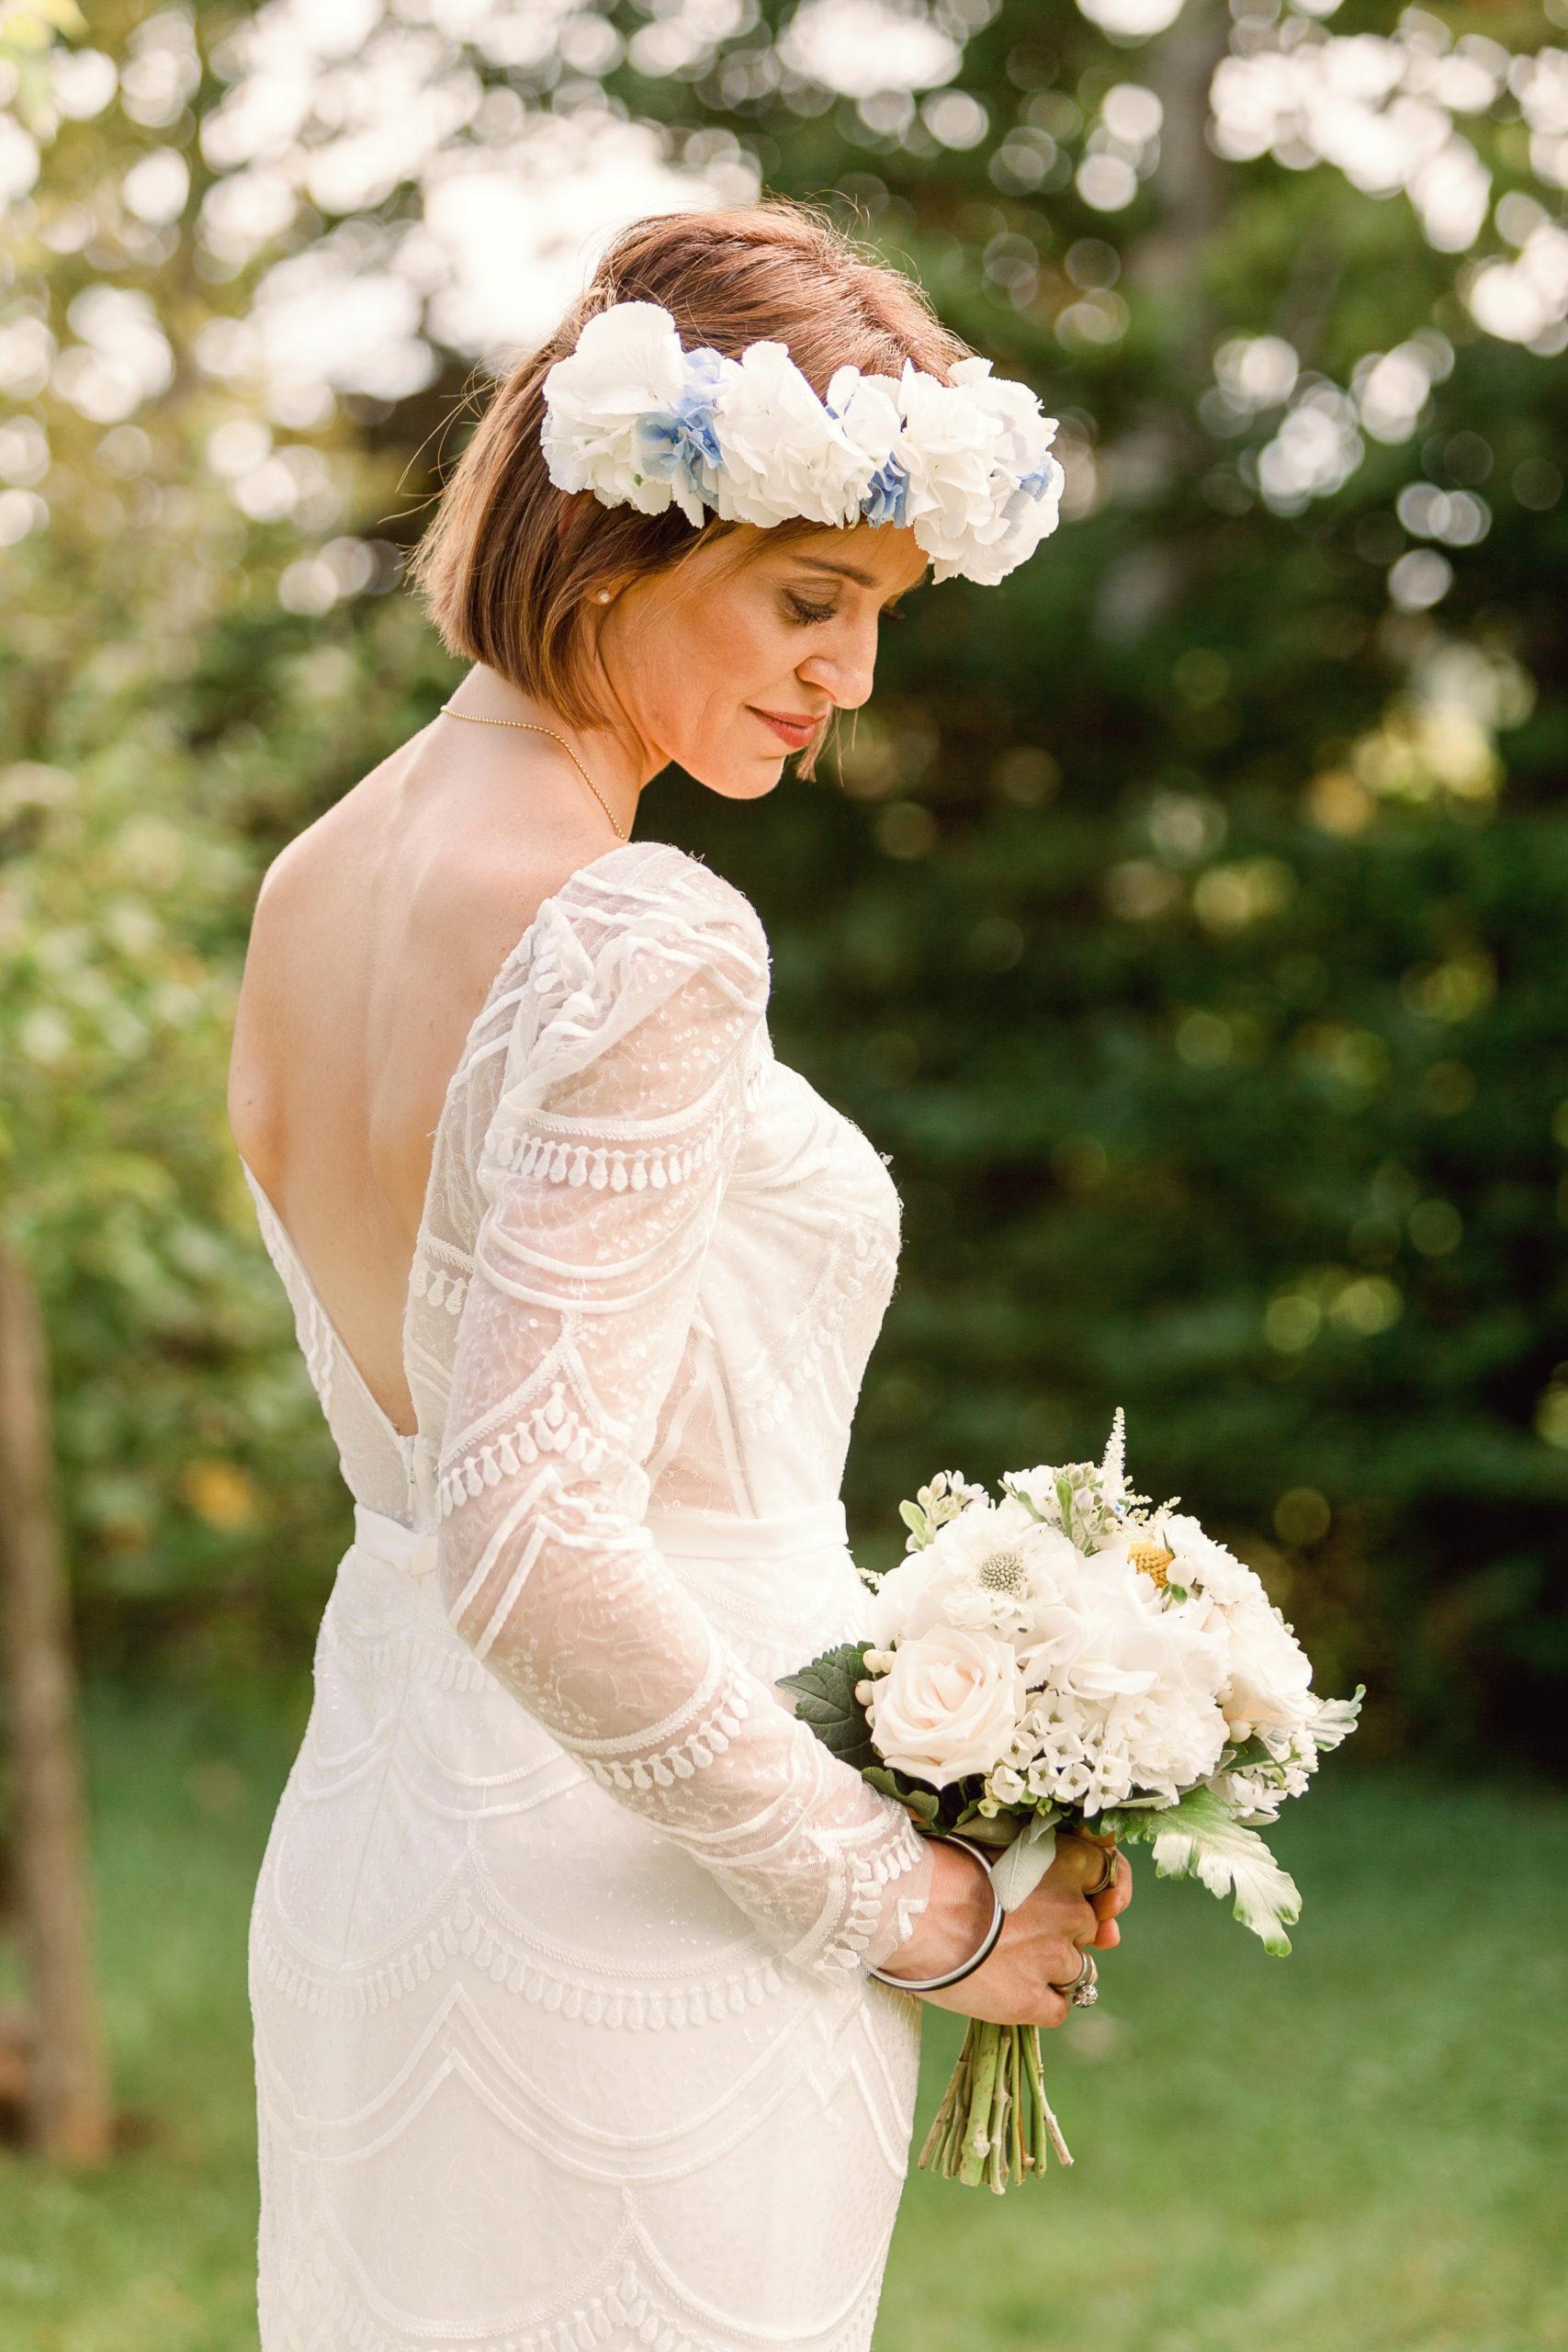 Traureden - Braut hält Strauß